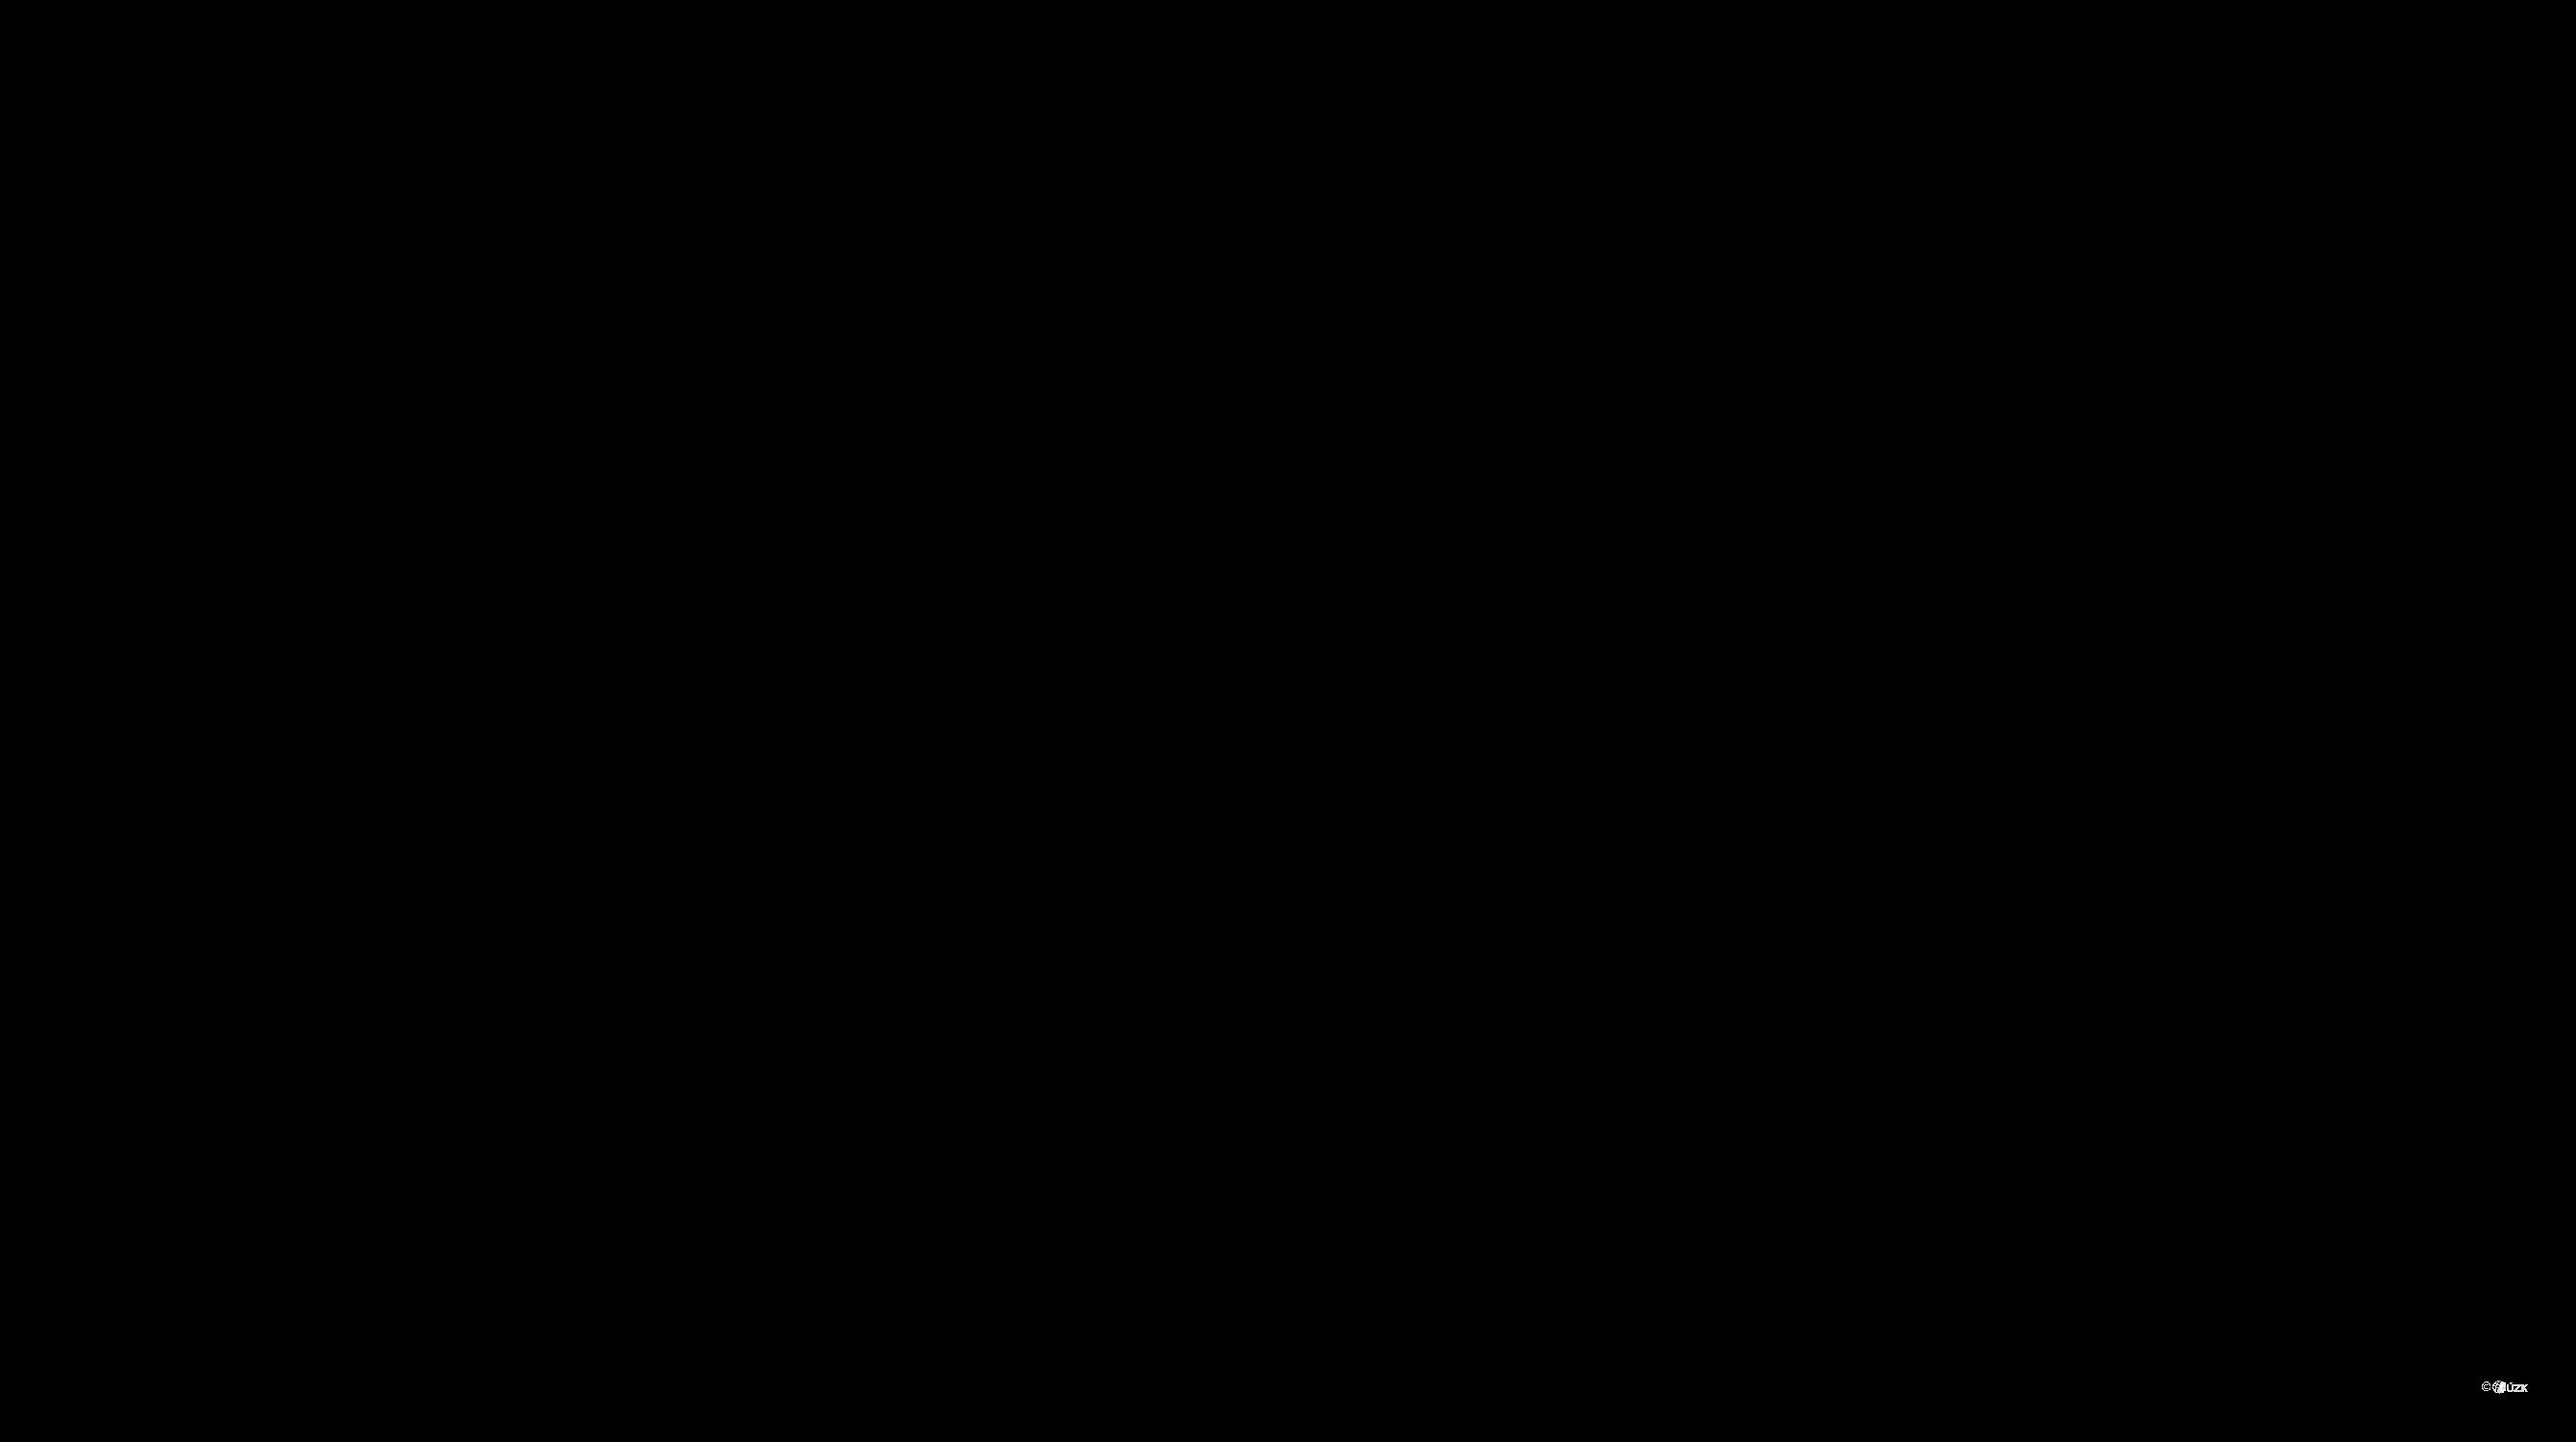 Katastrální mapa pozemků a čísla parcel Josefov u Jaroměře